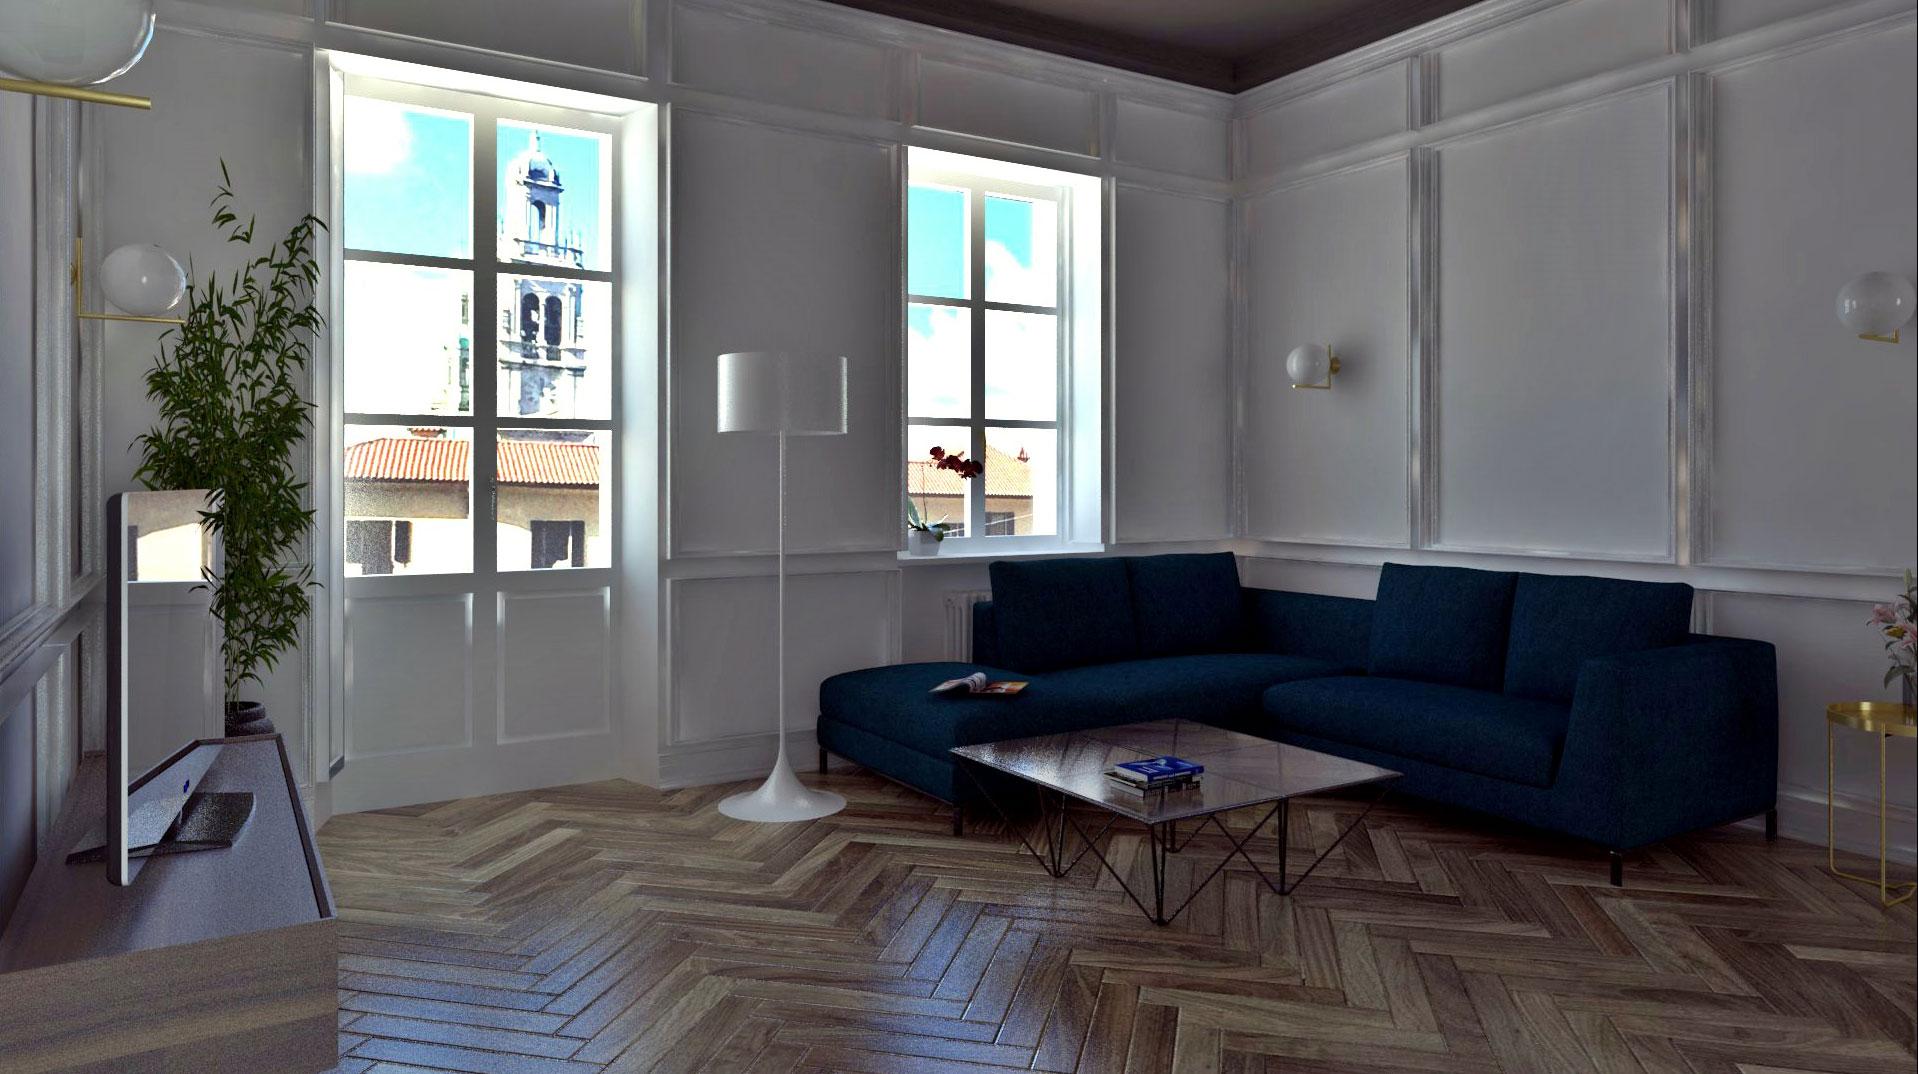 Armonia e contrasto come ristrutturare un palazzo d 39 epoca for Ristrutturare case antiche